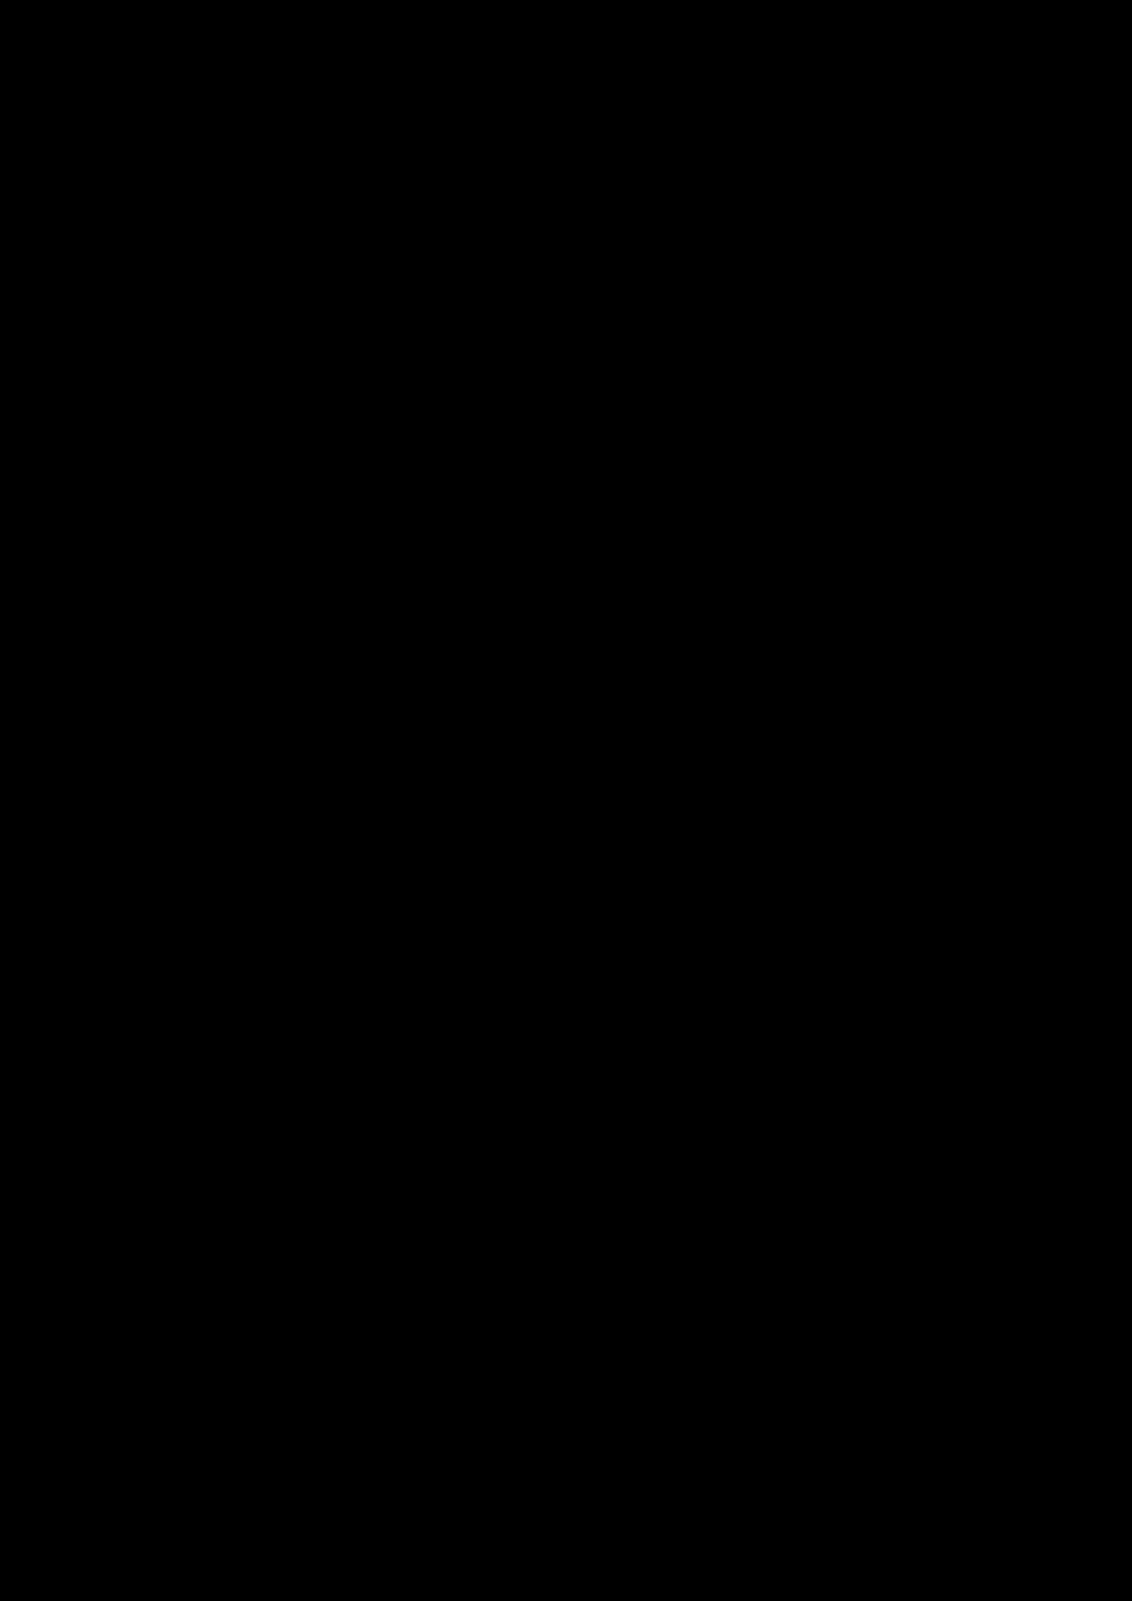 Zagadka volshebnoy stranyi slide, Image 180